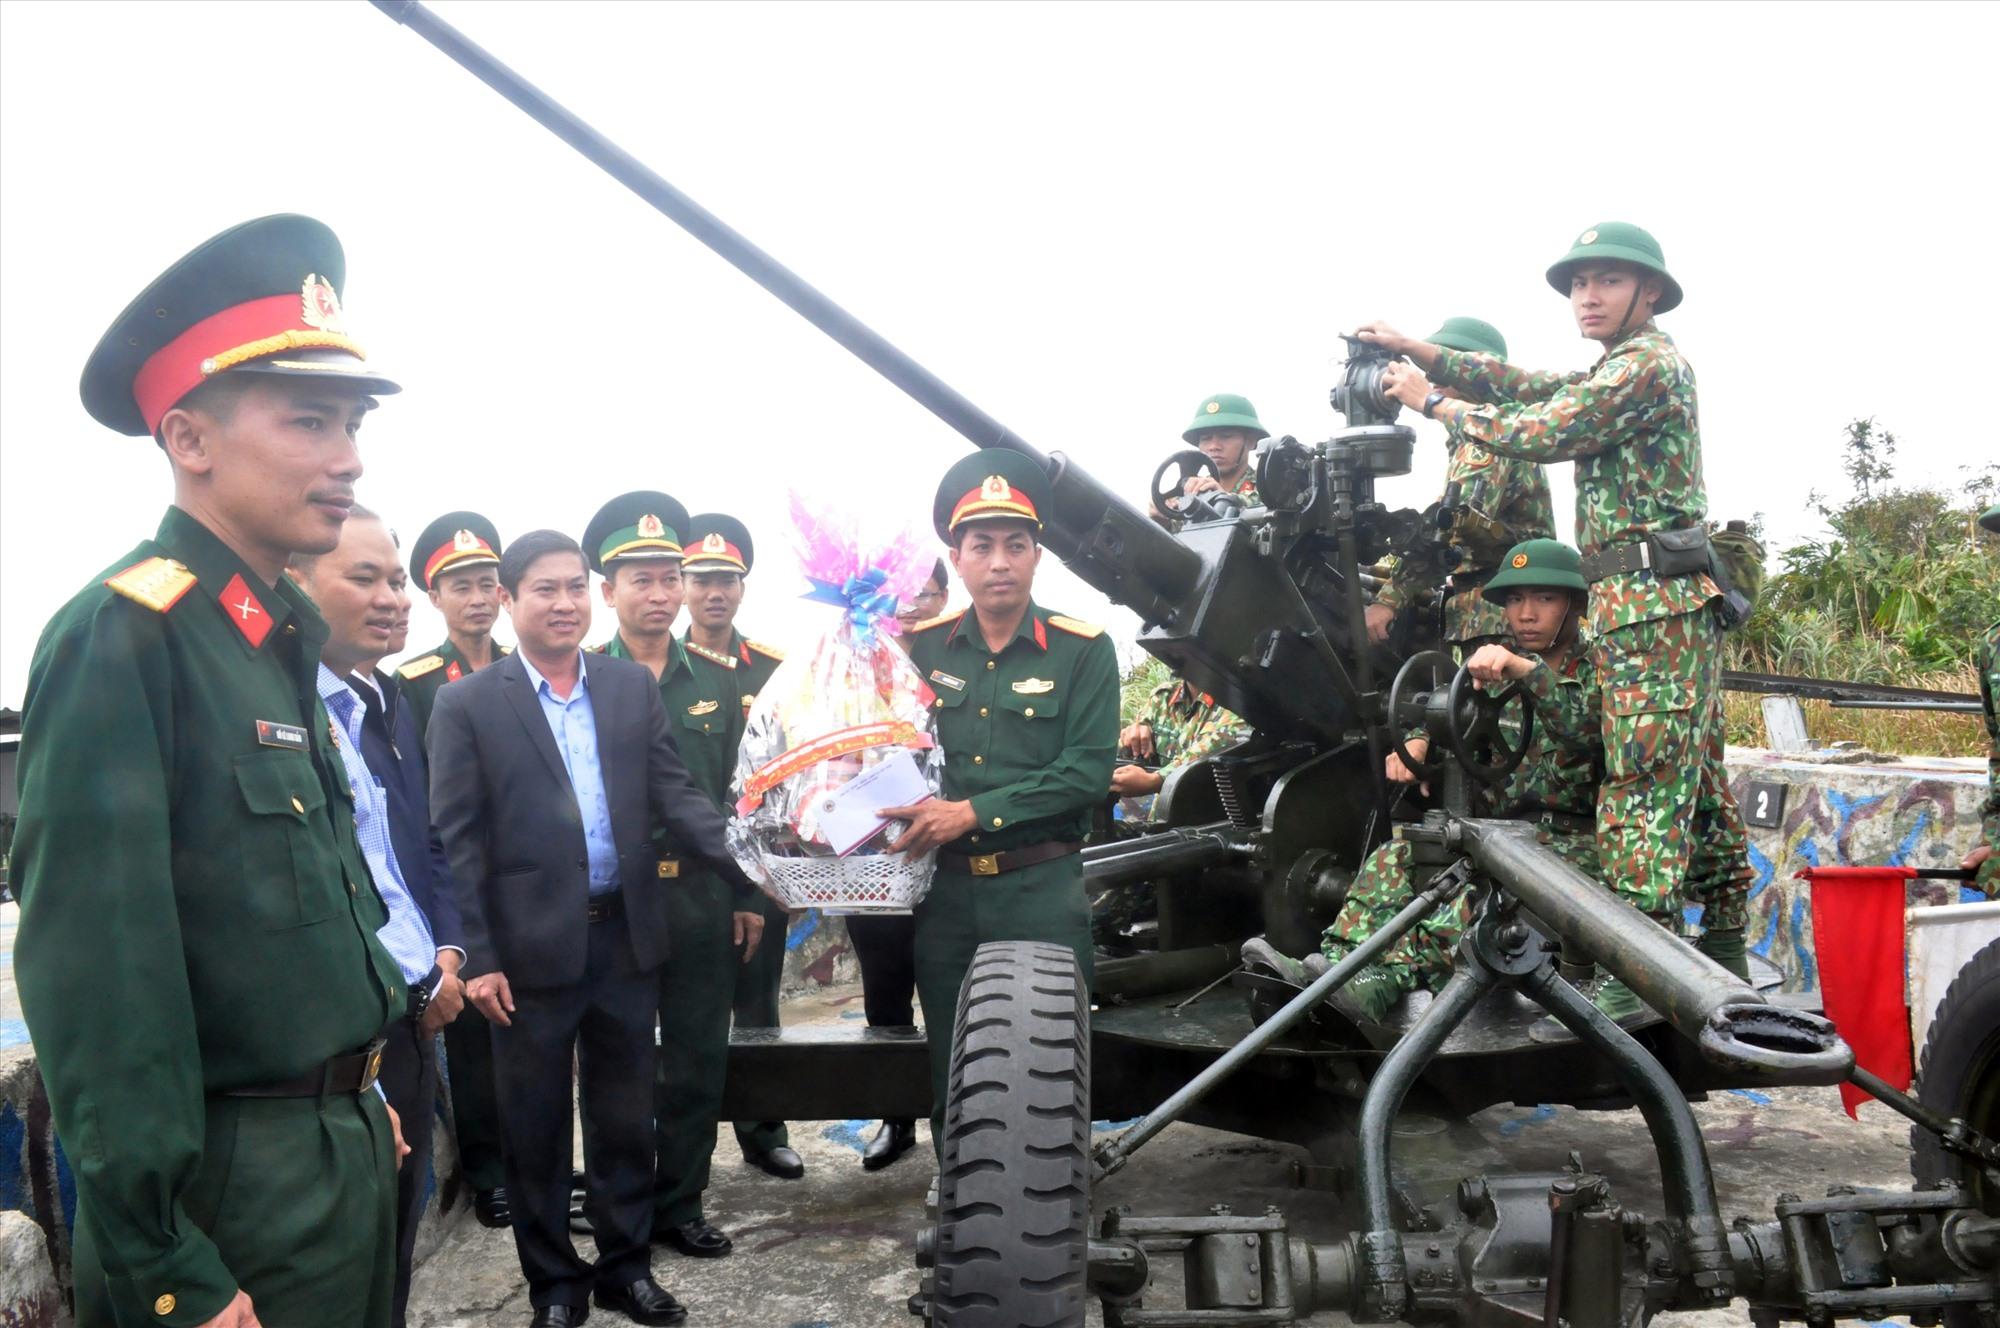 Đồng chí Phan Thái Bình thăm, tặng quà chúc tết cán bộ, chiến sĩ trận địa pháo phòng không tại Cù Lao Chàm. Ảnh: N.Đ